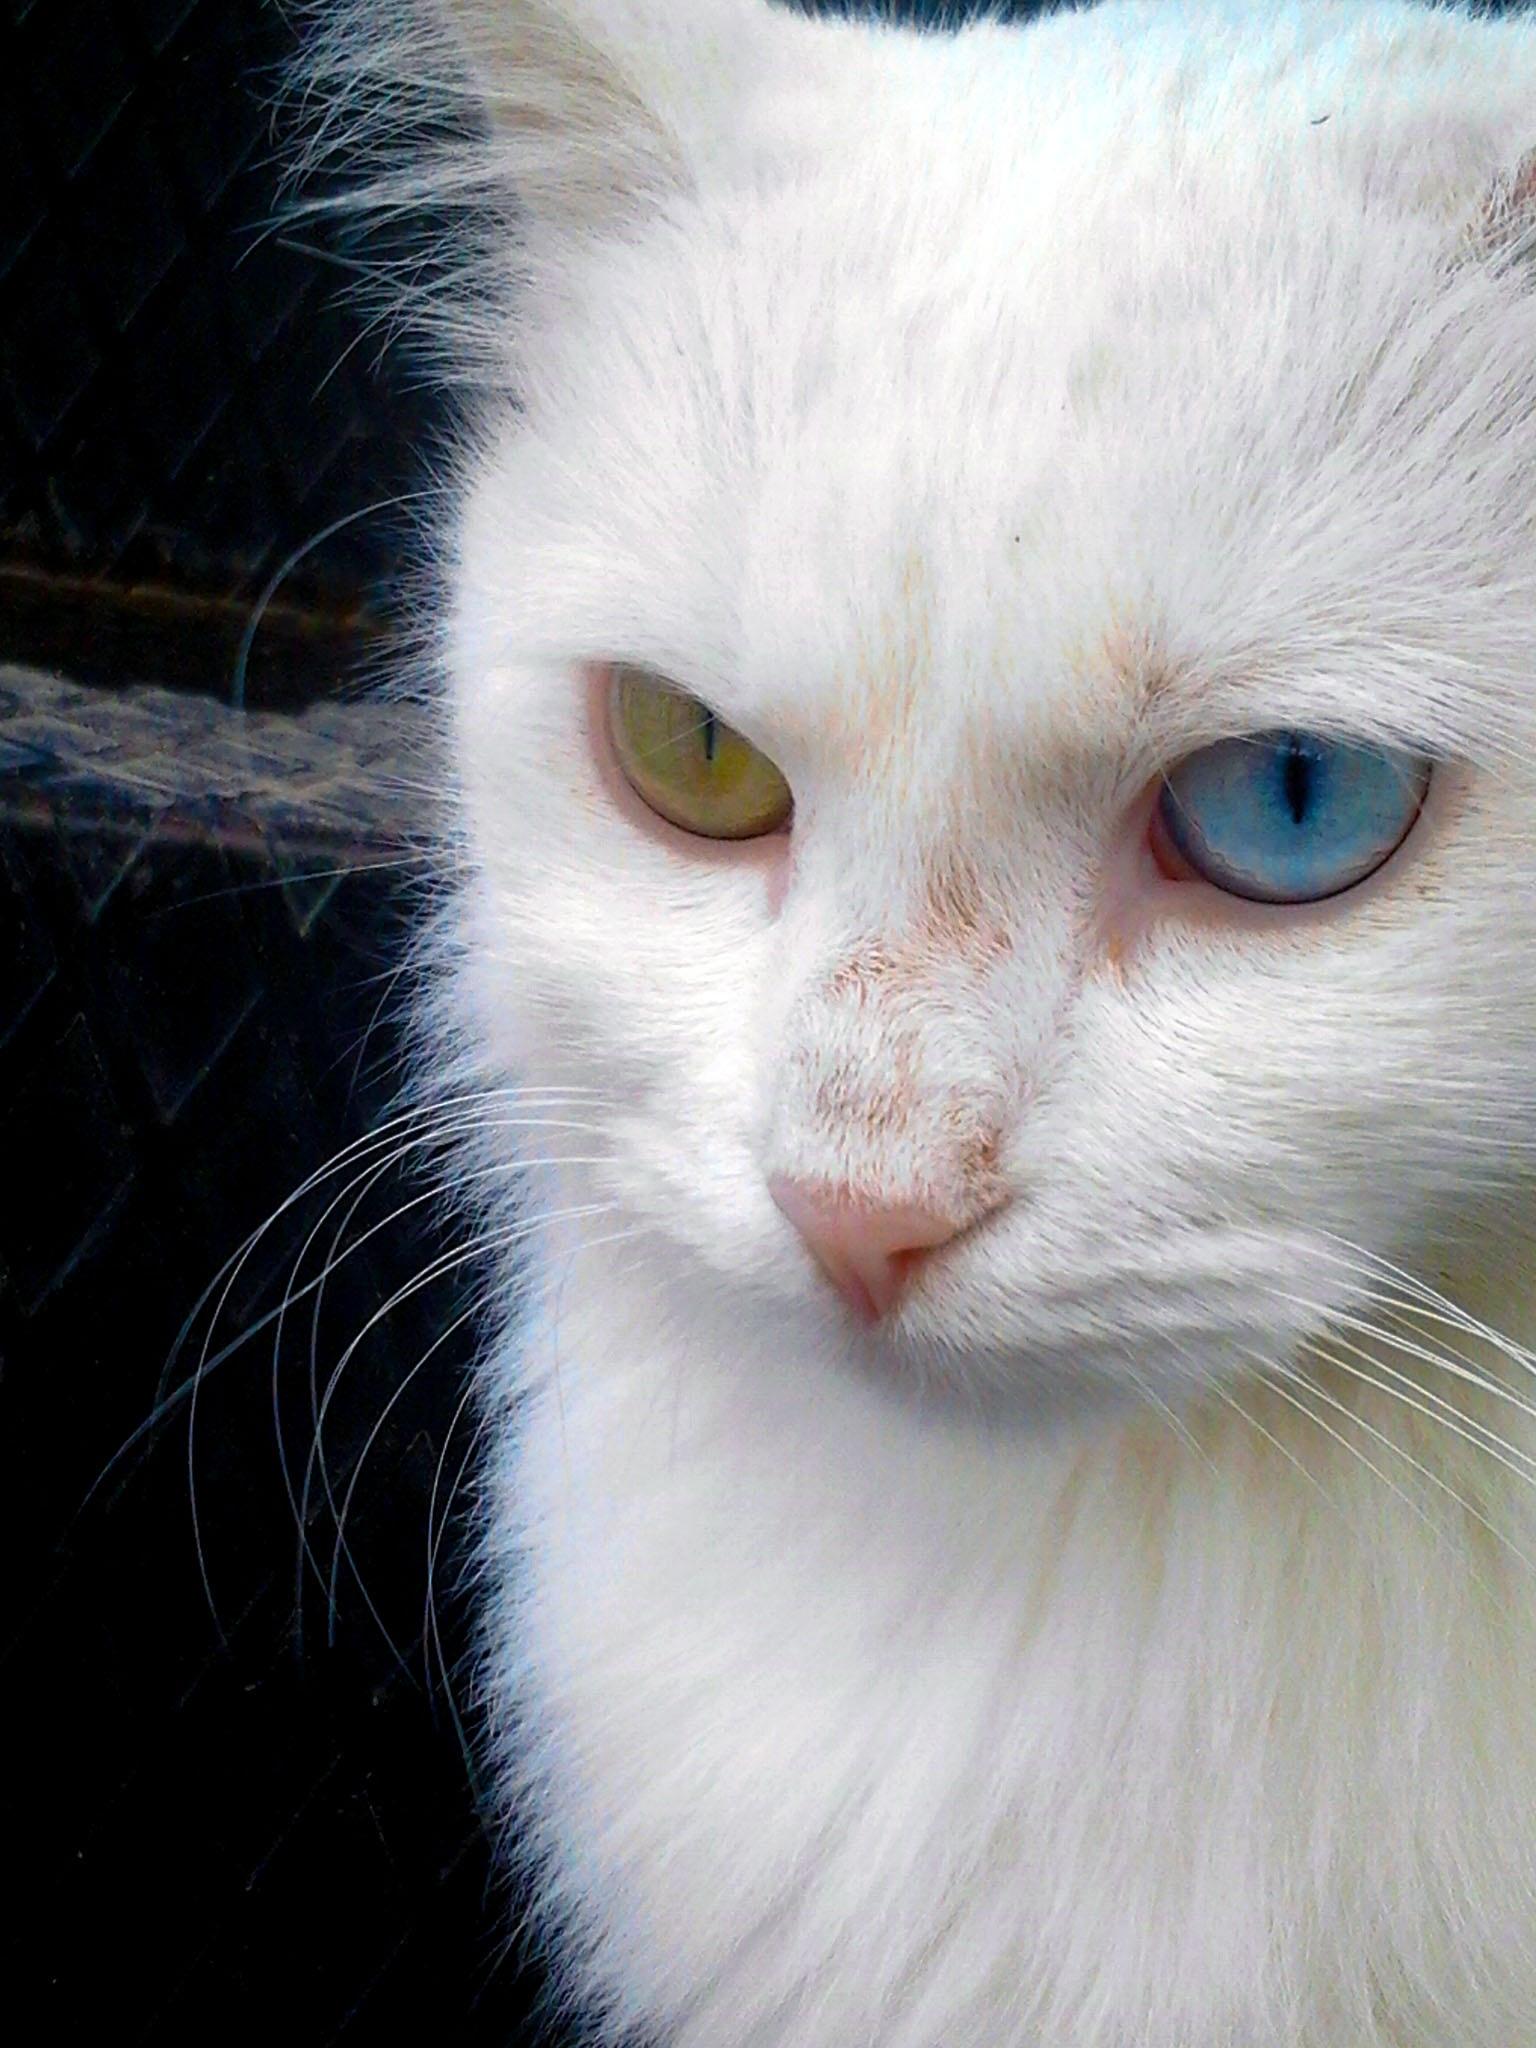 Download 67+  Gambar Kucing Imut Kartun Paling Keren Gratis